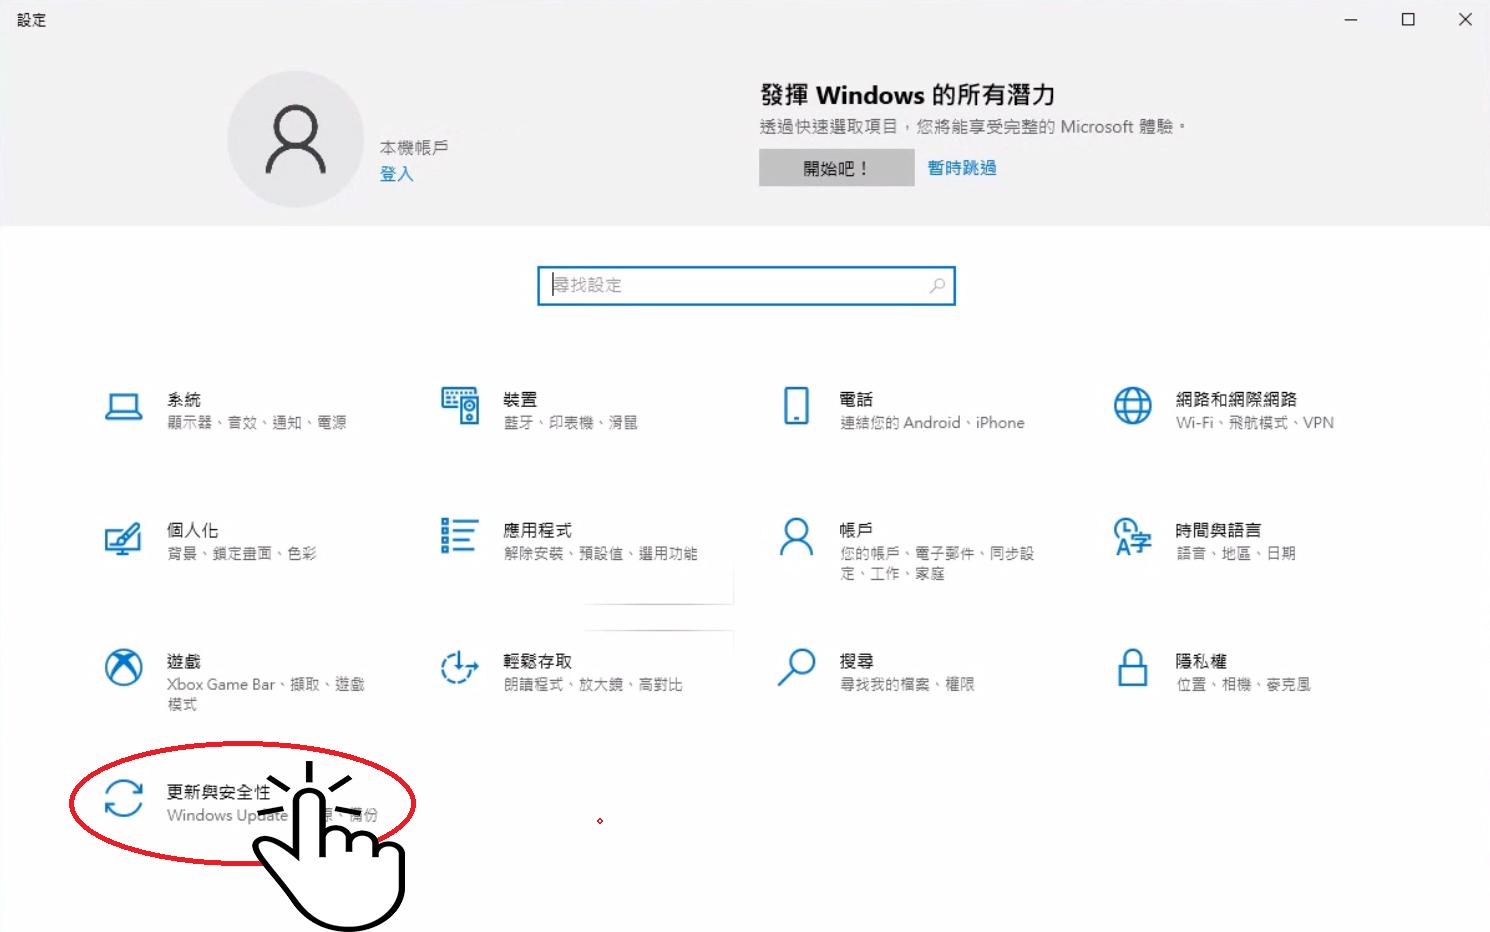 Win10序號破解/永久啟用產品金鑰(免費激活工具)